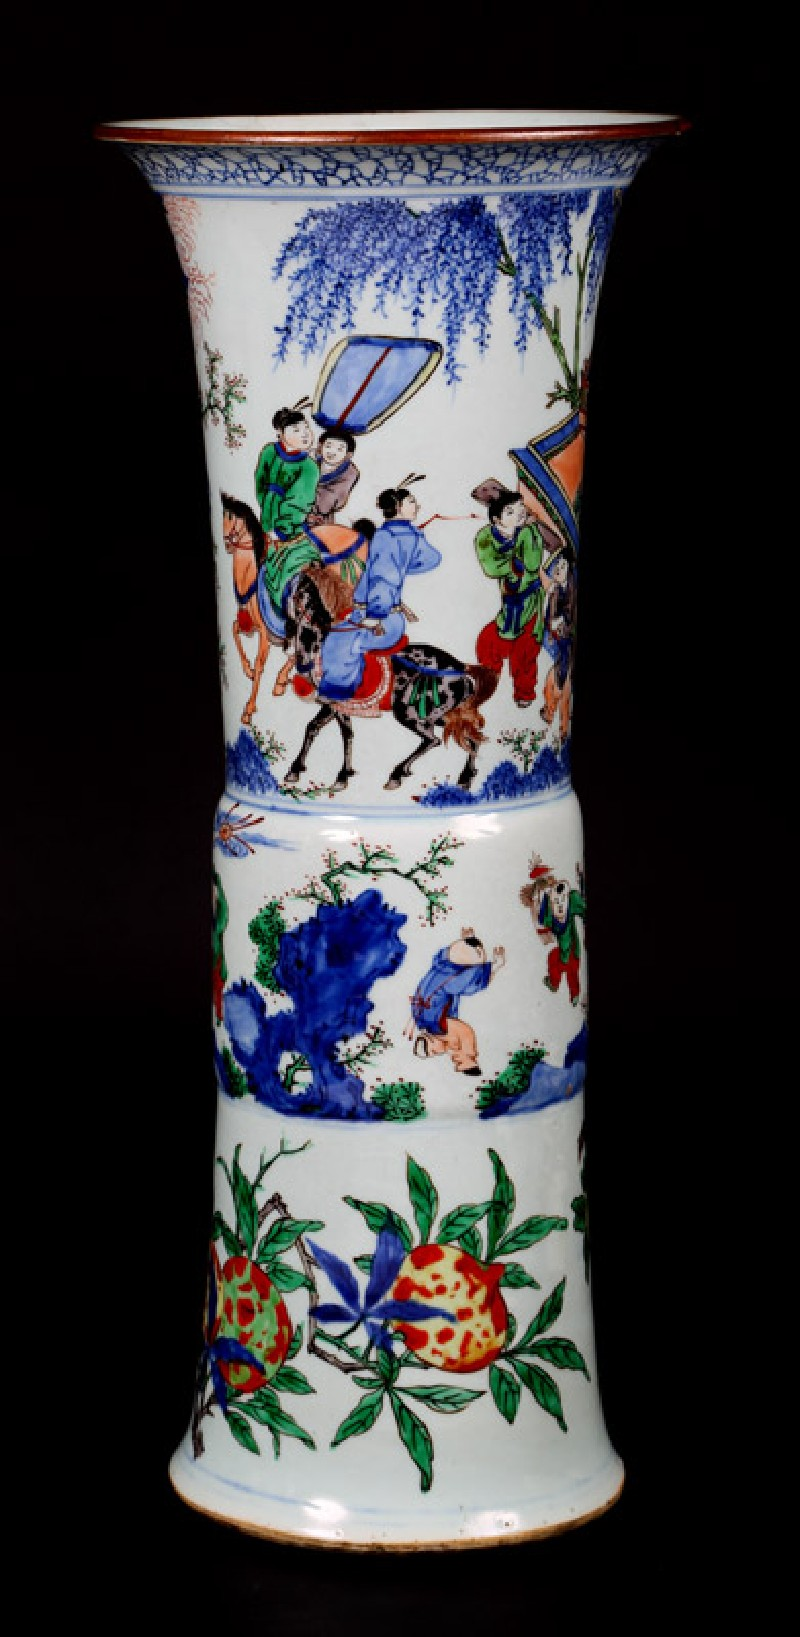 Beaker vase with figures in a landscape